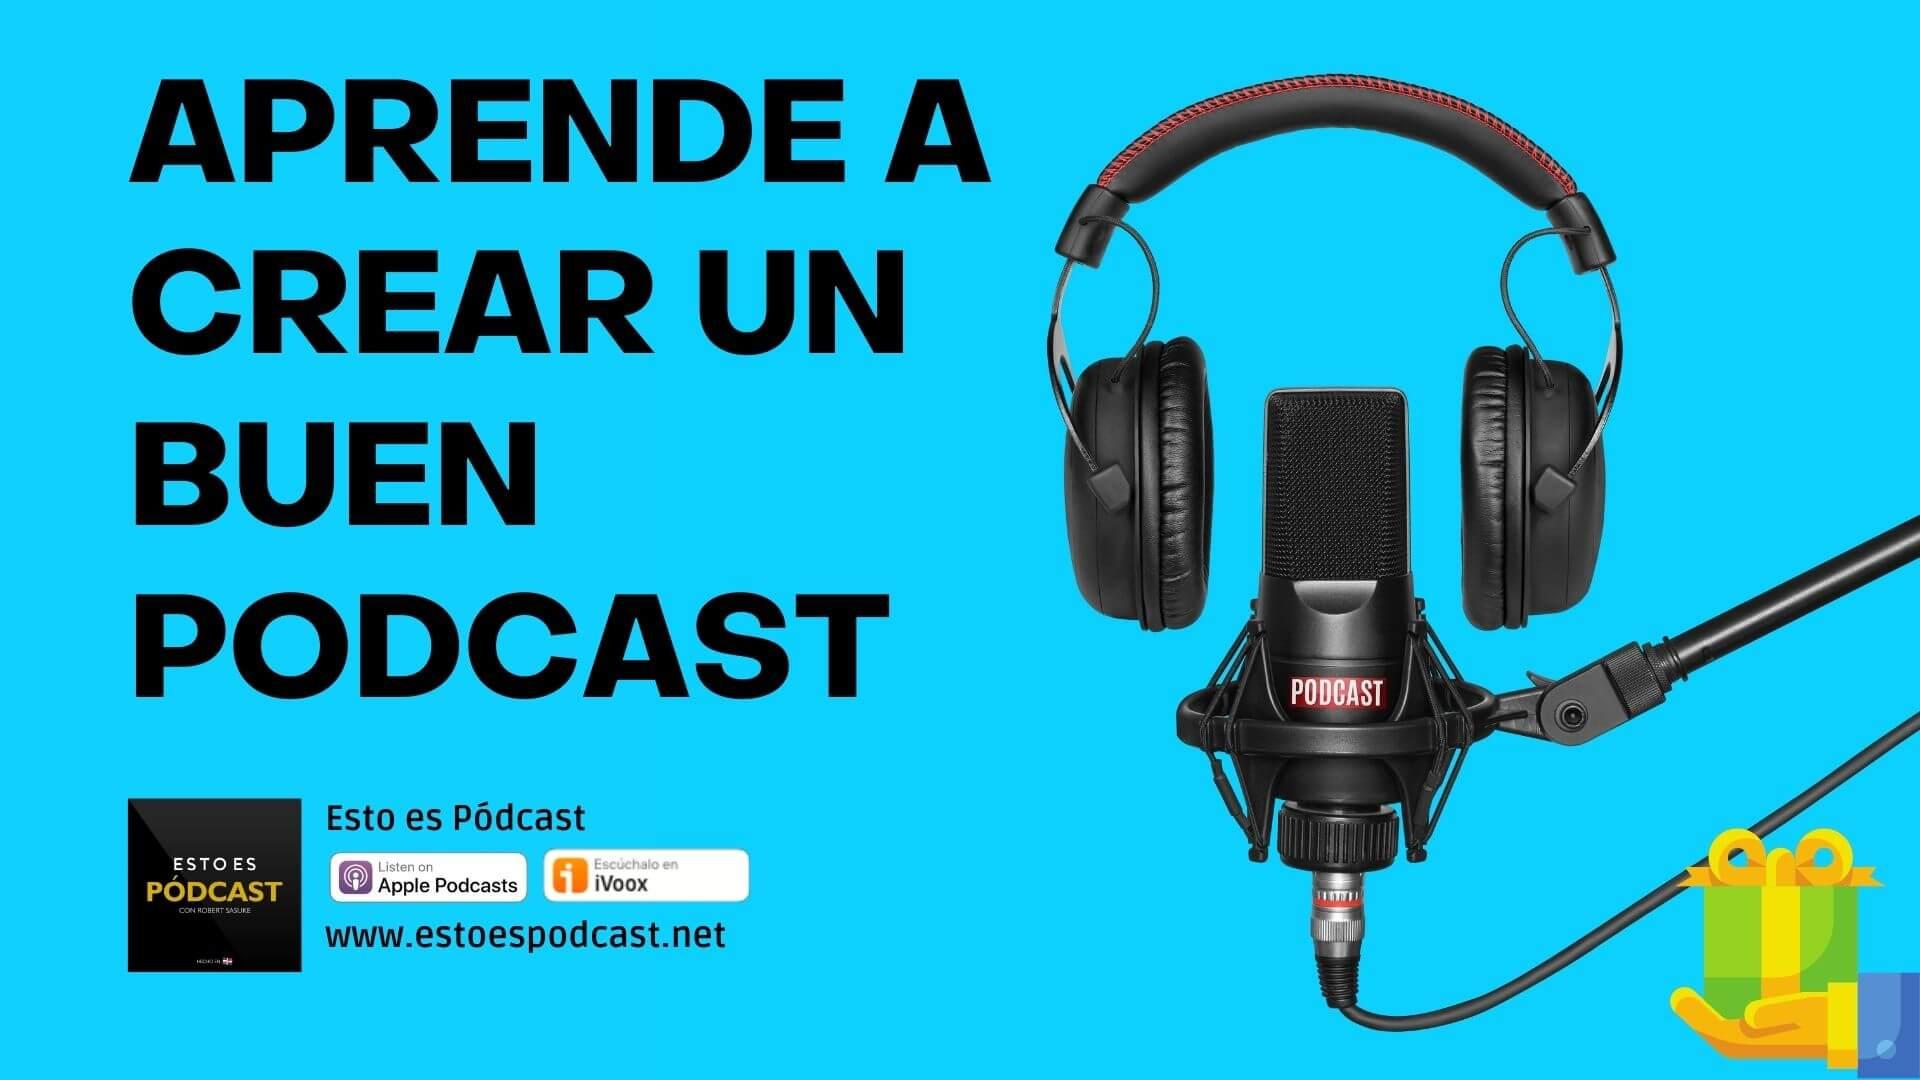 Para Hacer un Buen Podcast hay que Aprender